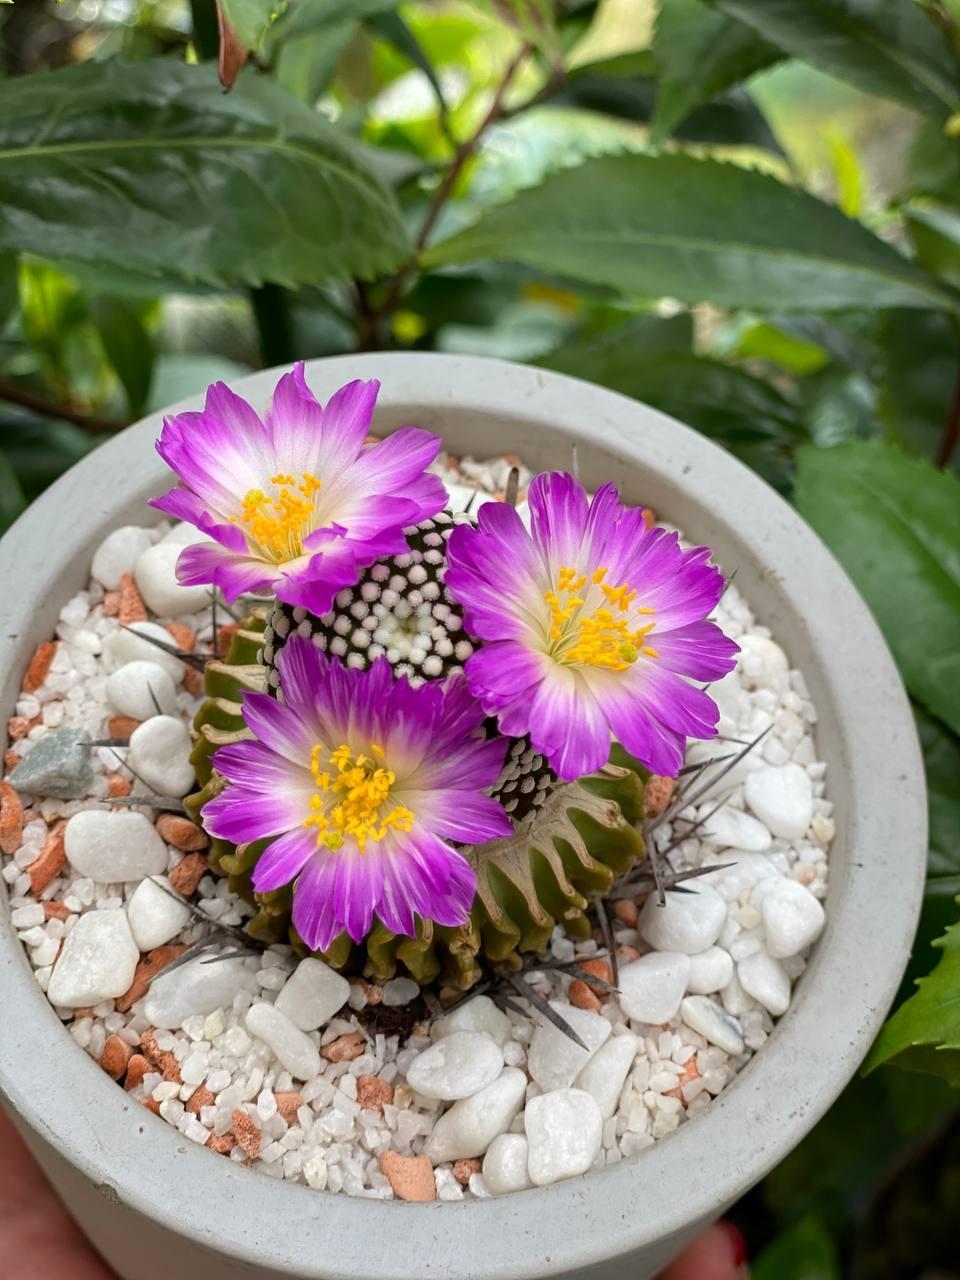 Пока на улице еще нет долгожданного тепла, дома у Татьяны Кузьмук настоящее лето и даже цветут кактусы